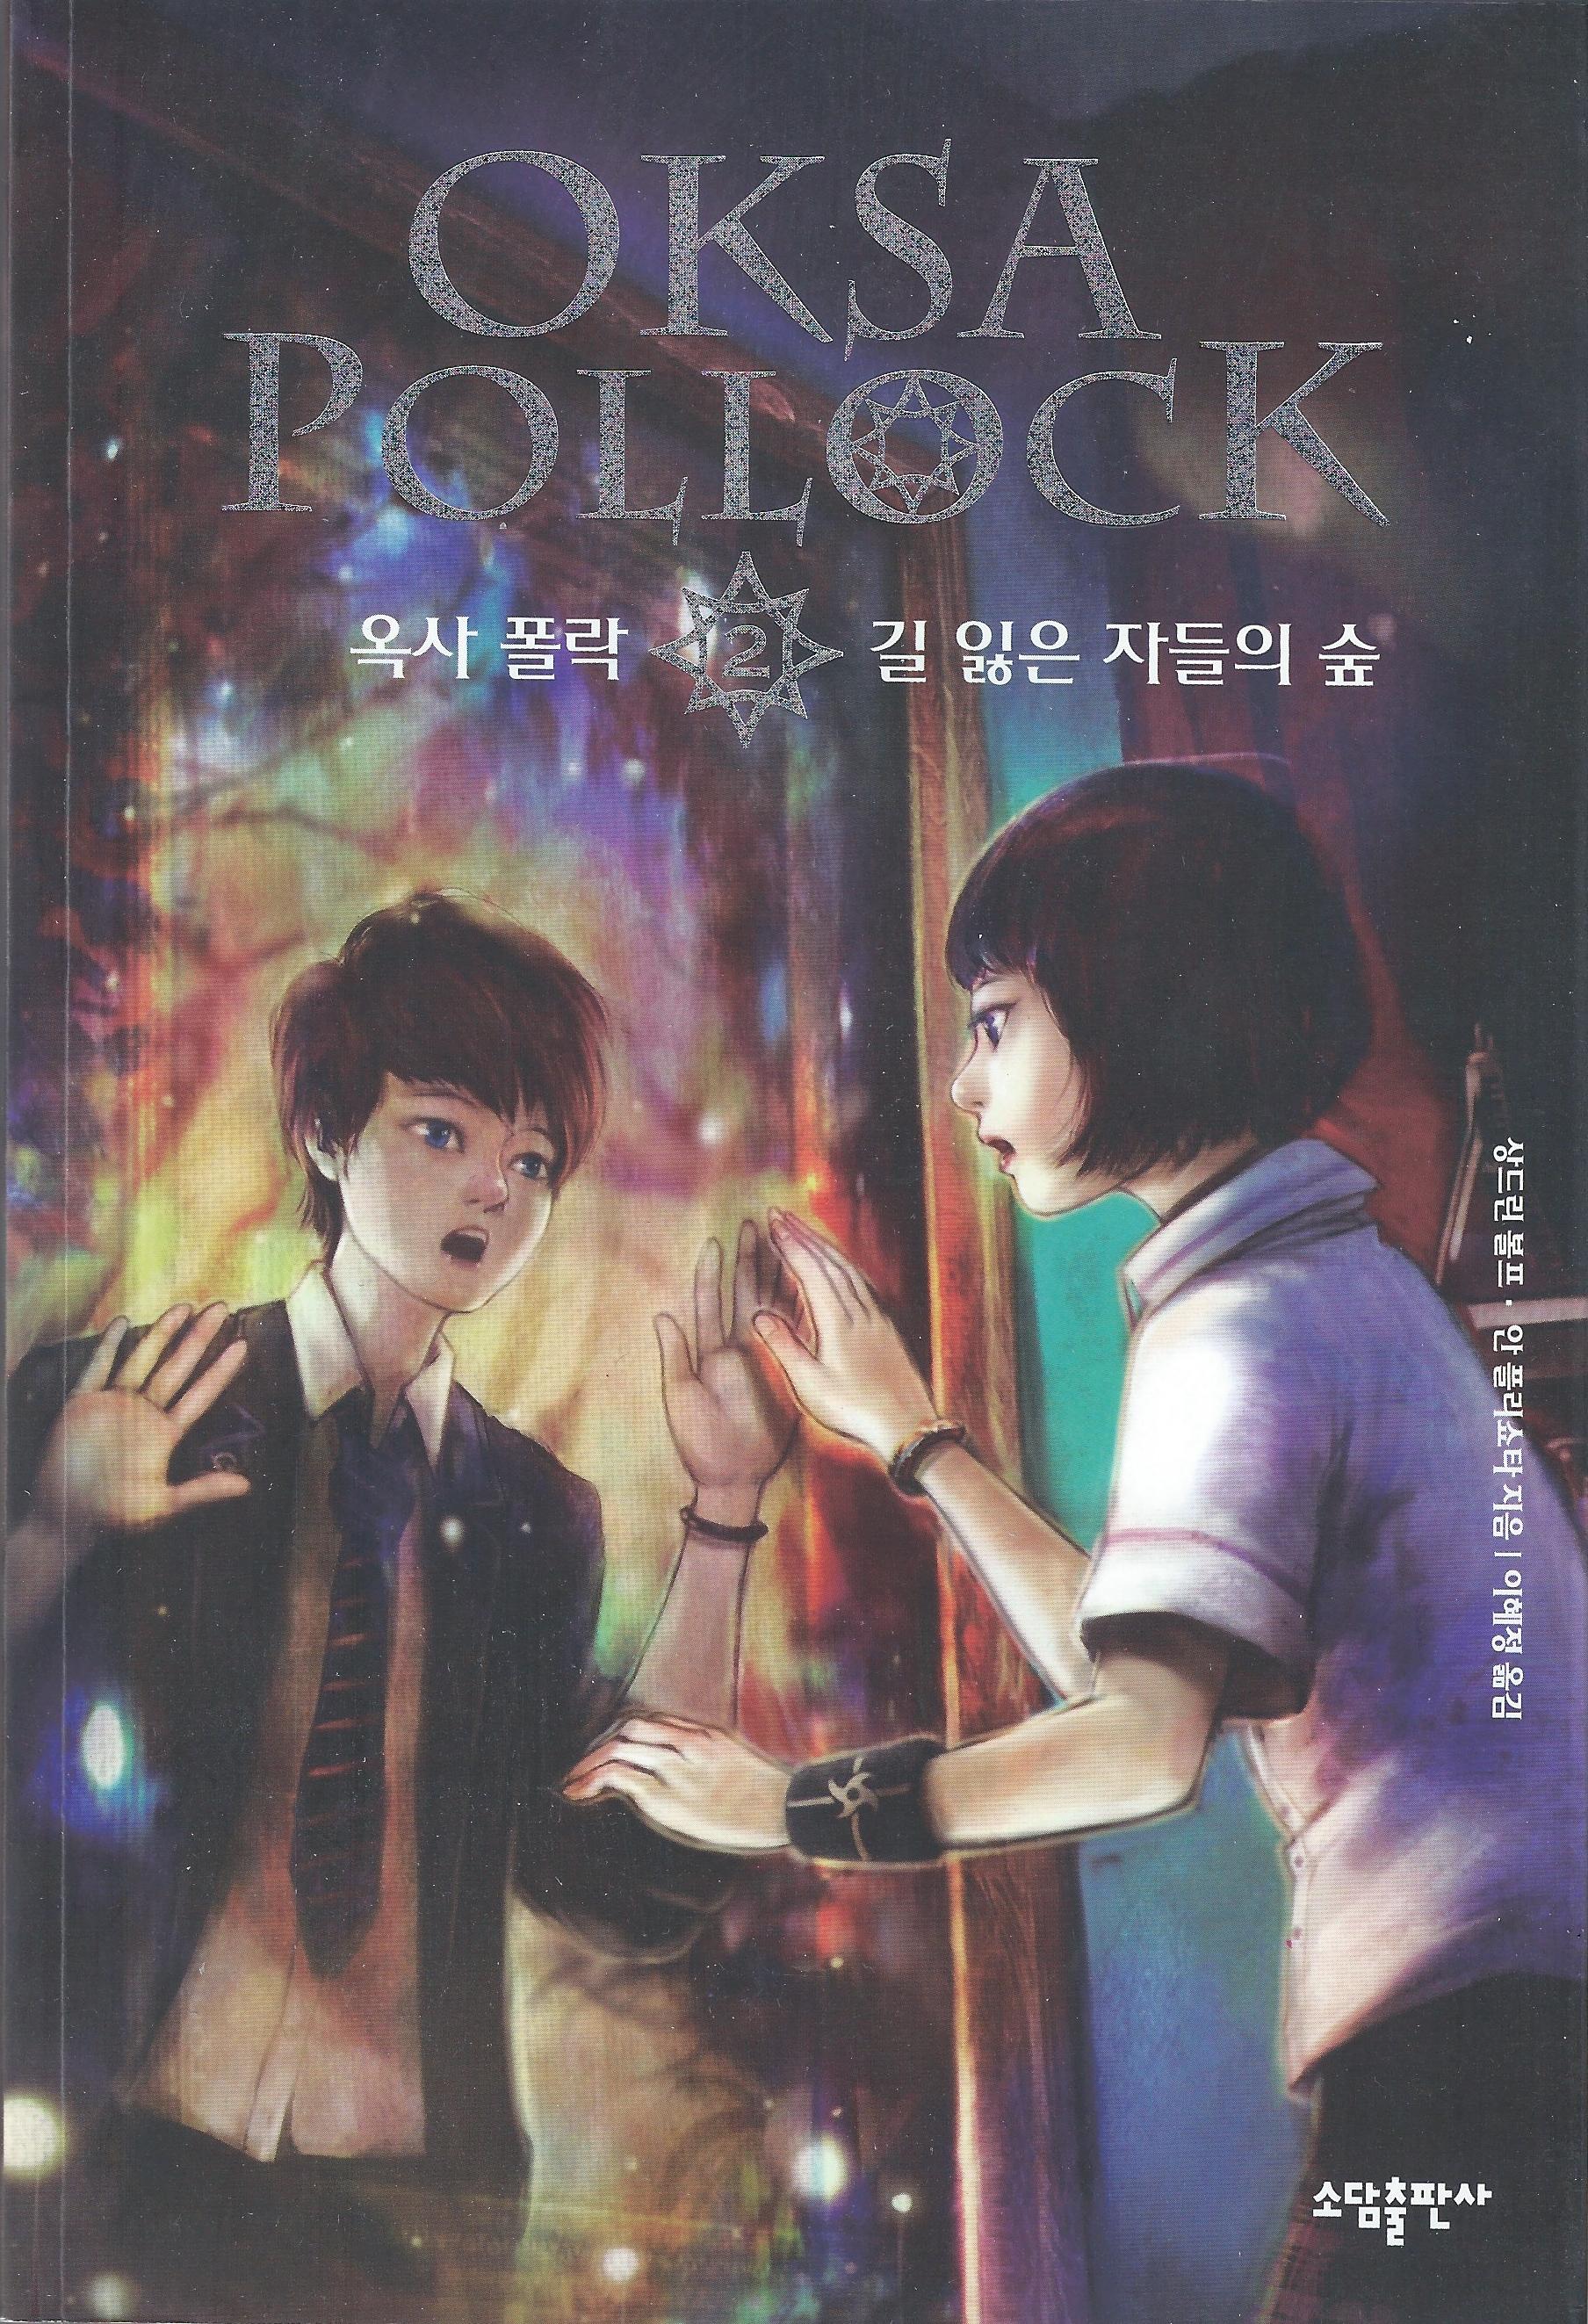 Corée tome 2